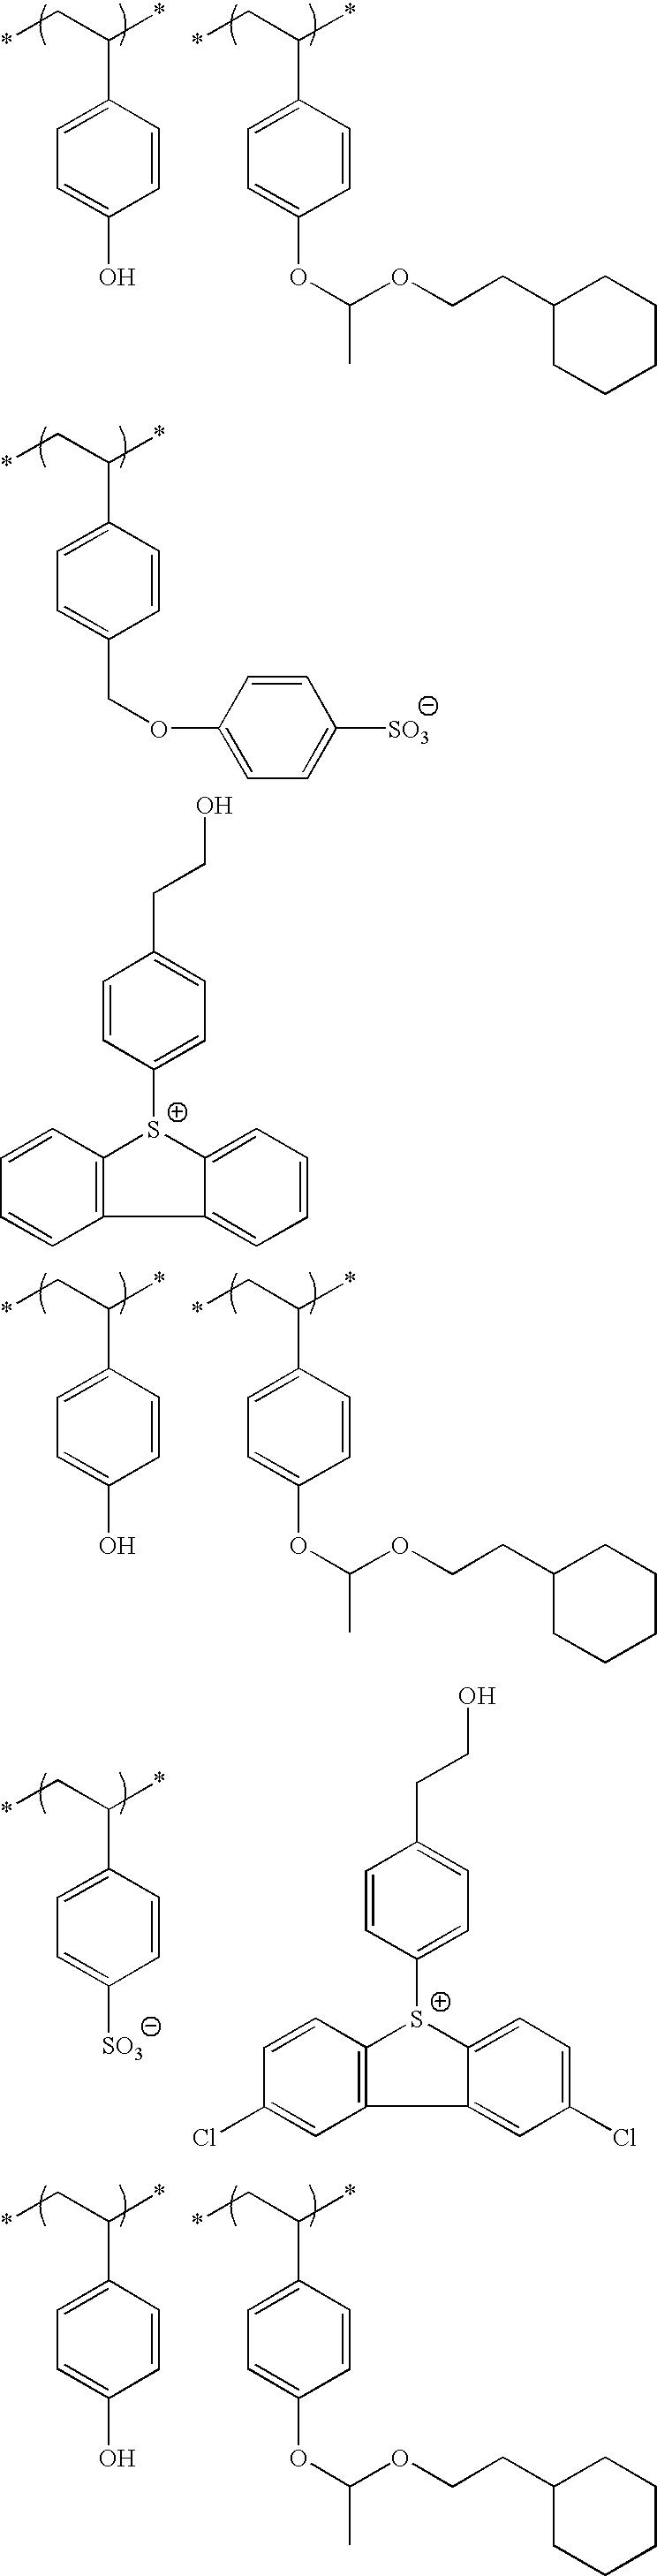 Figure US20100183975A1-20100722-C00152